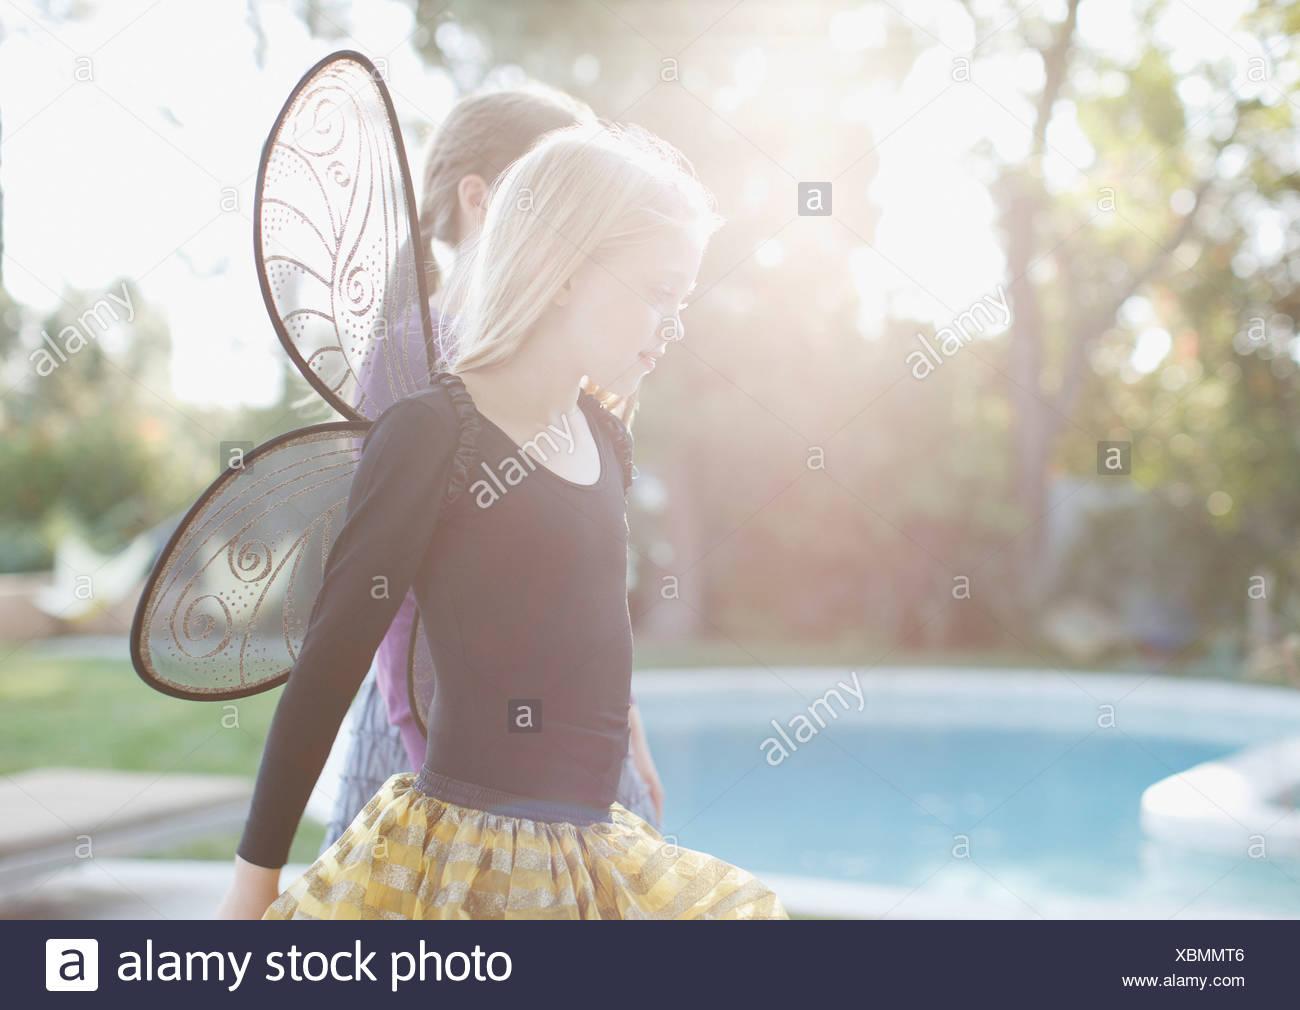 8-9 anni,back lit,california,abbigliamento casual,caucasian,l'infanzia,immagine a colori,costume,giorno,vita domestica,elementary Immagini Stock